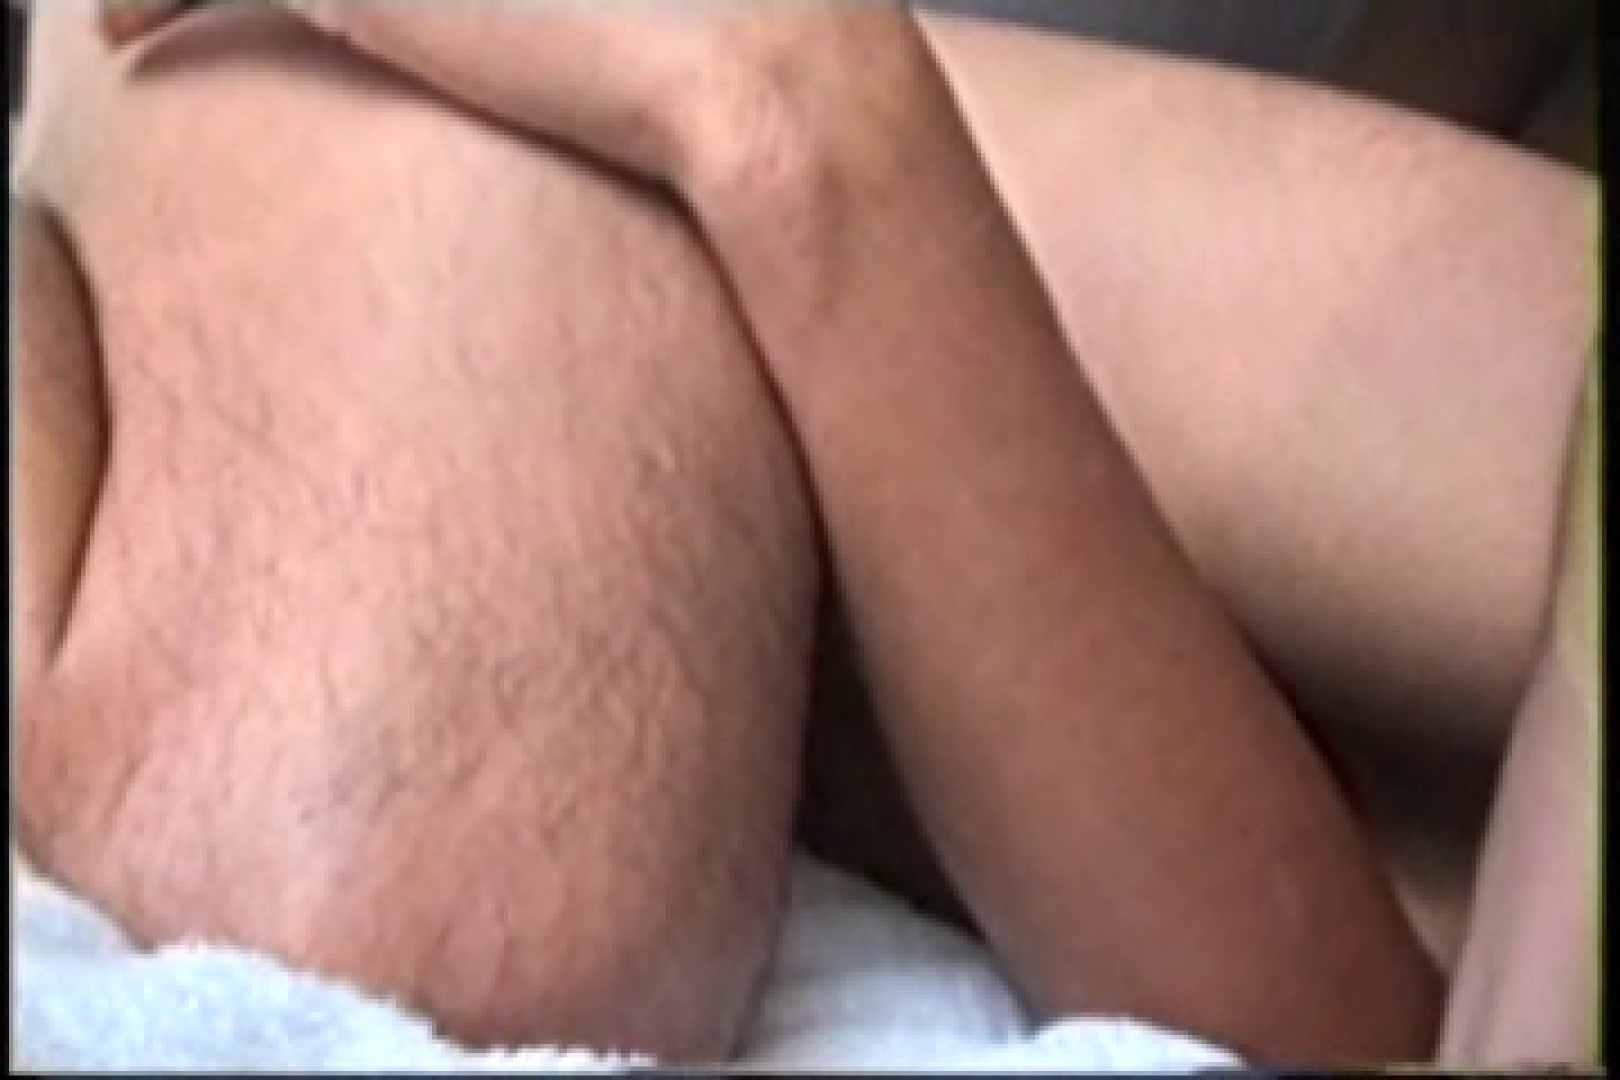 【個人製作流出ビデオ】バックばかりで穴が痛かった 前立腺 ゲイ無修正ビデオ画像 111枚 64